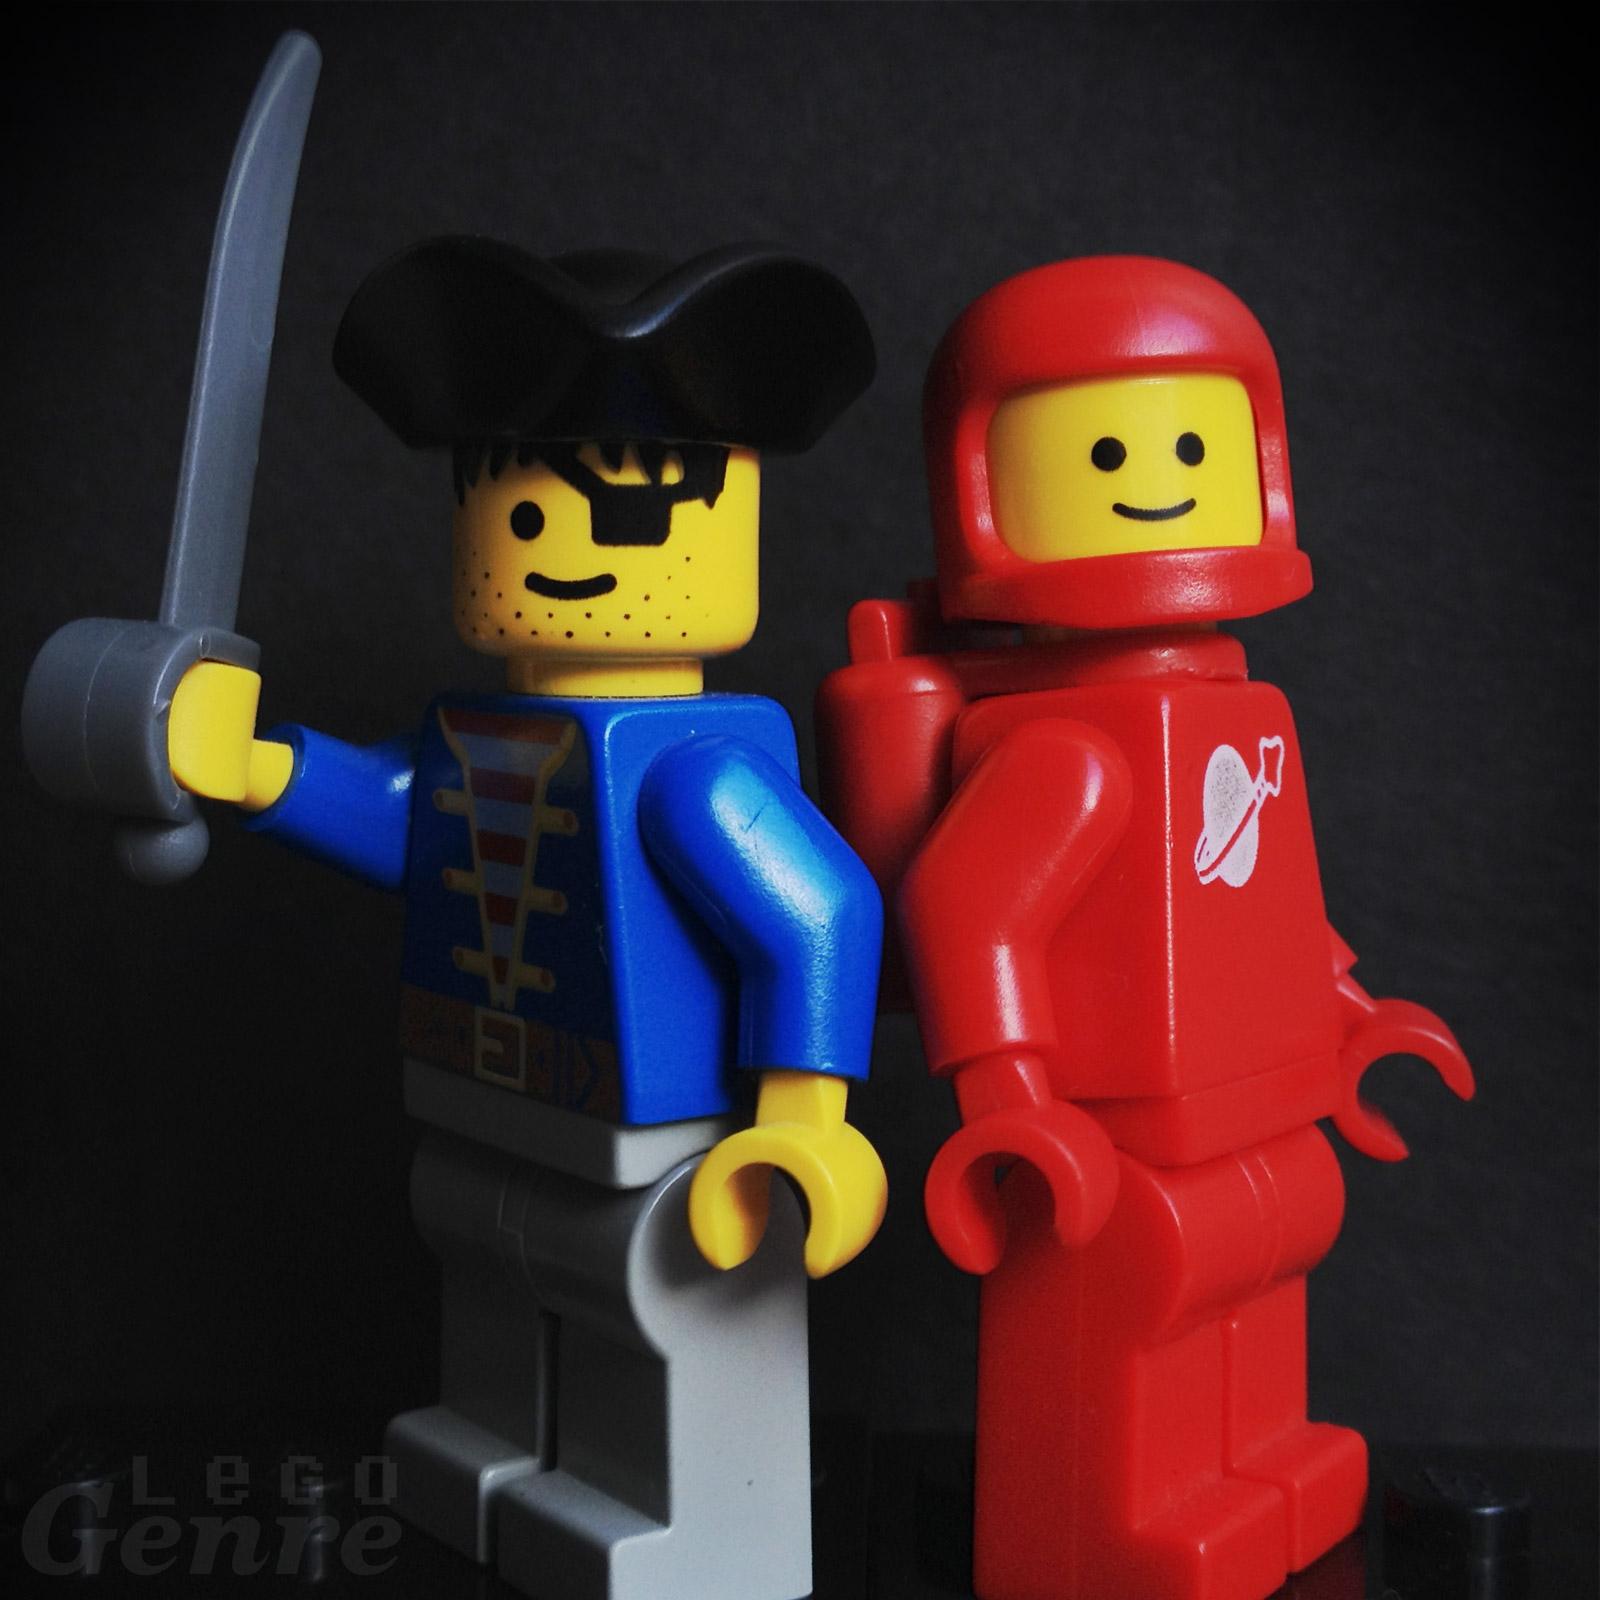 LegoGenre: Classic Pirates or Classic Space